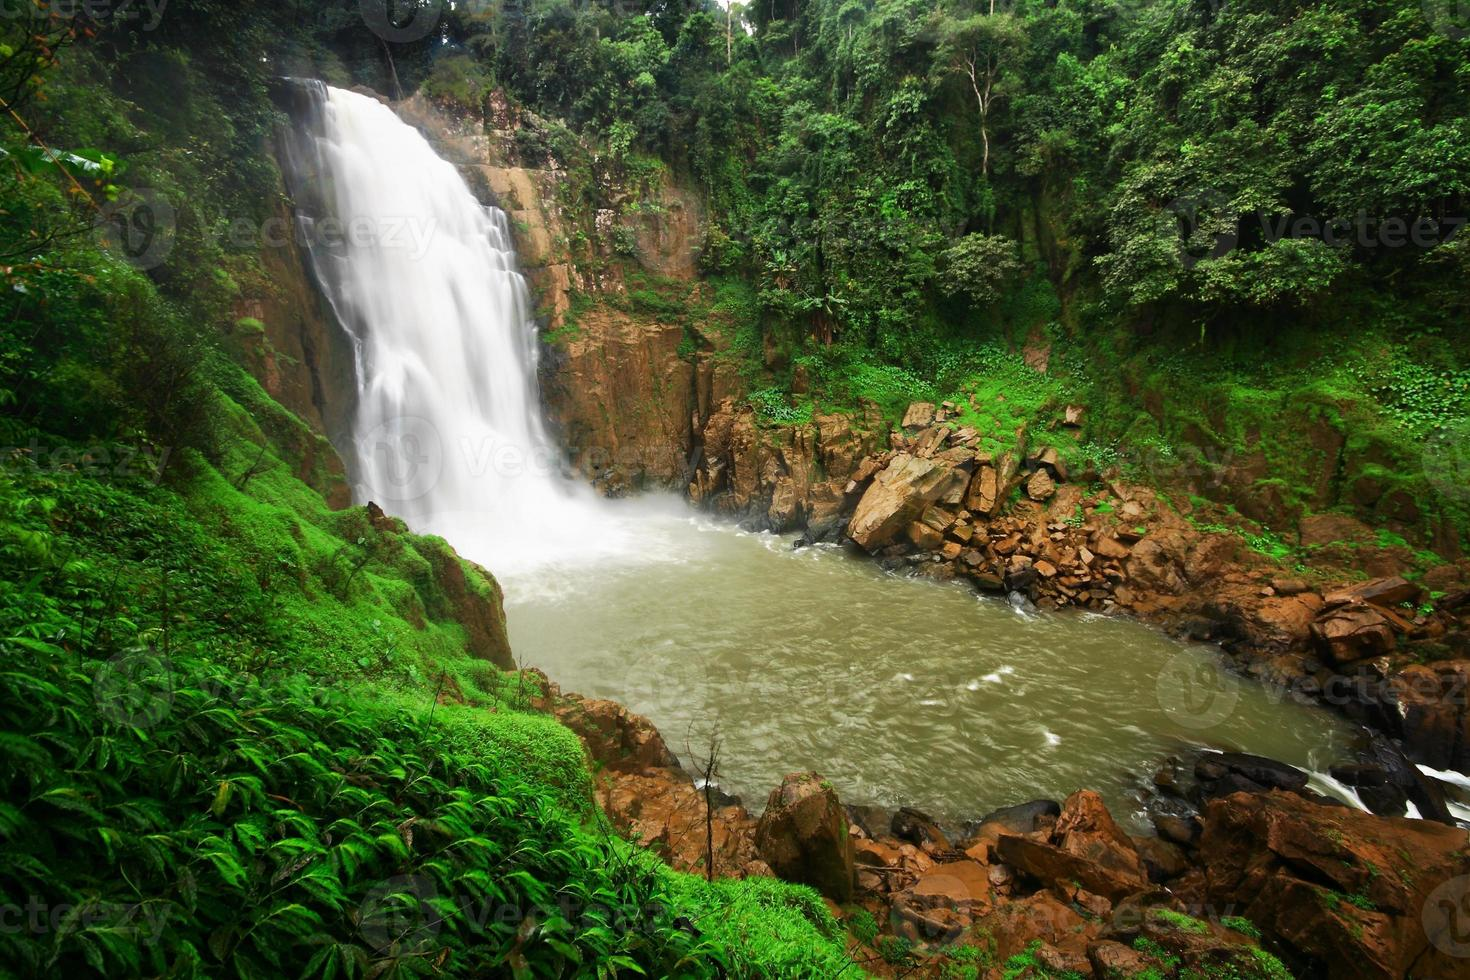 grote waterval in regenwoud foto